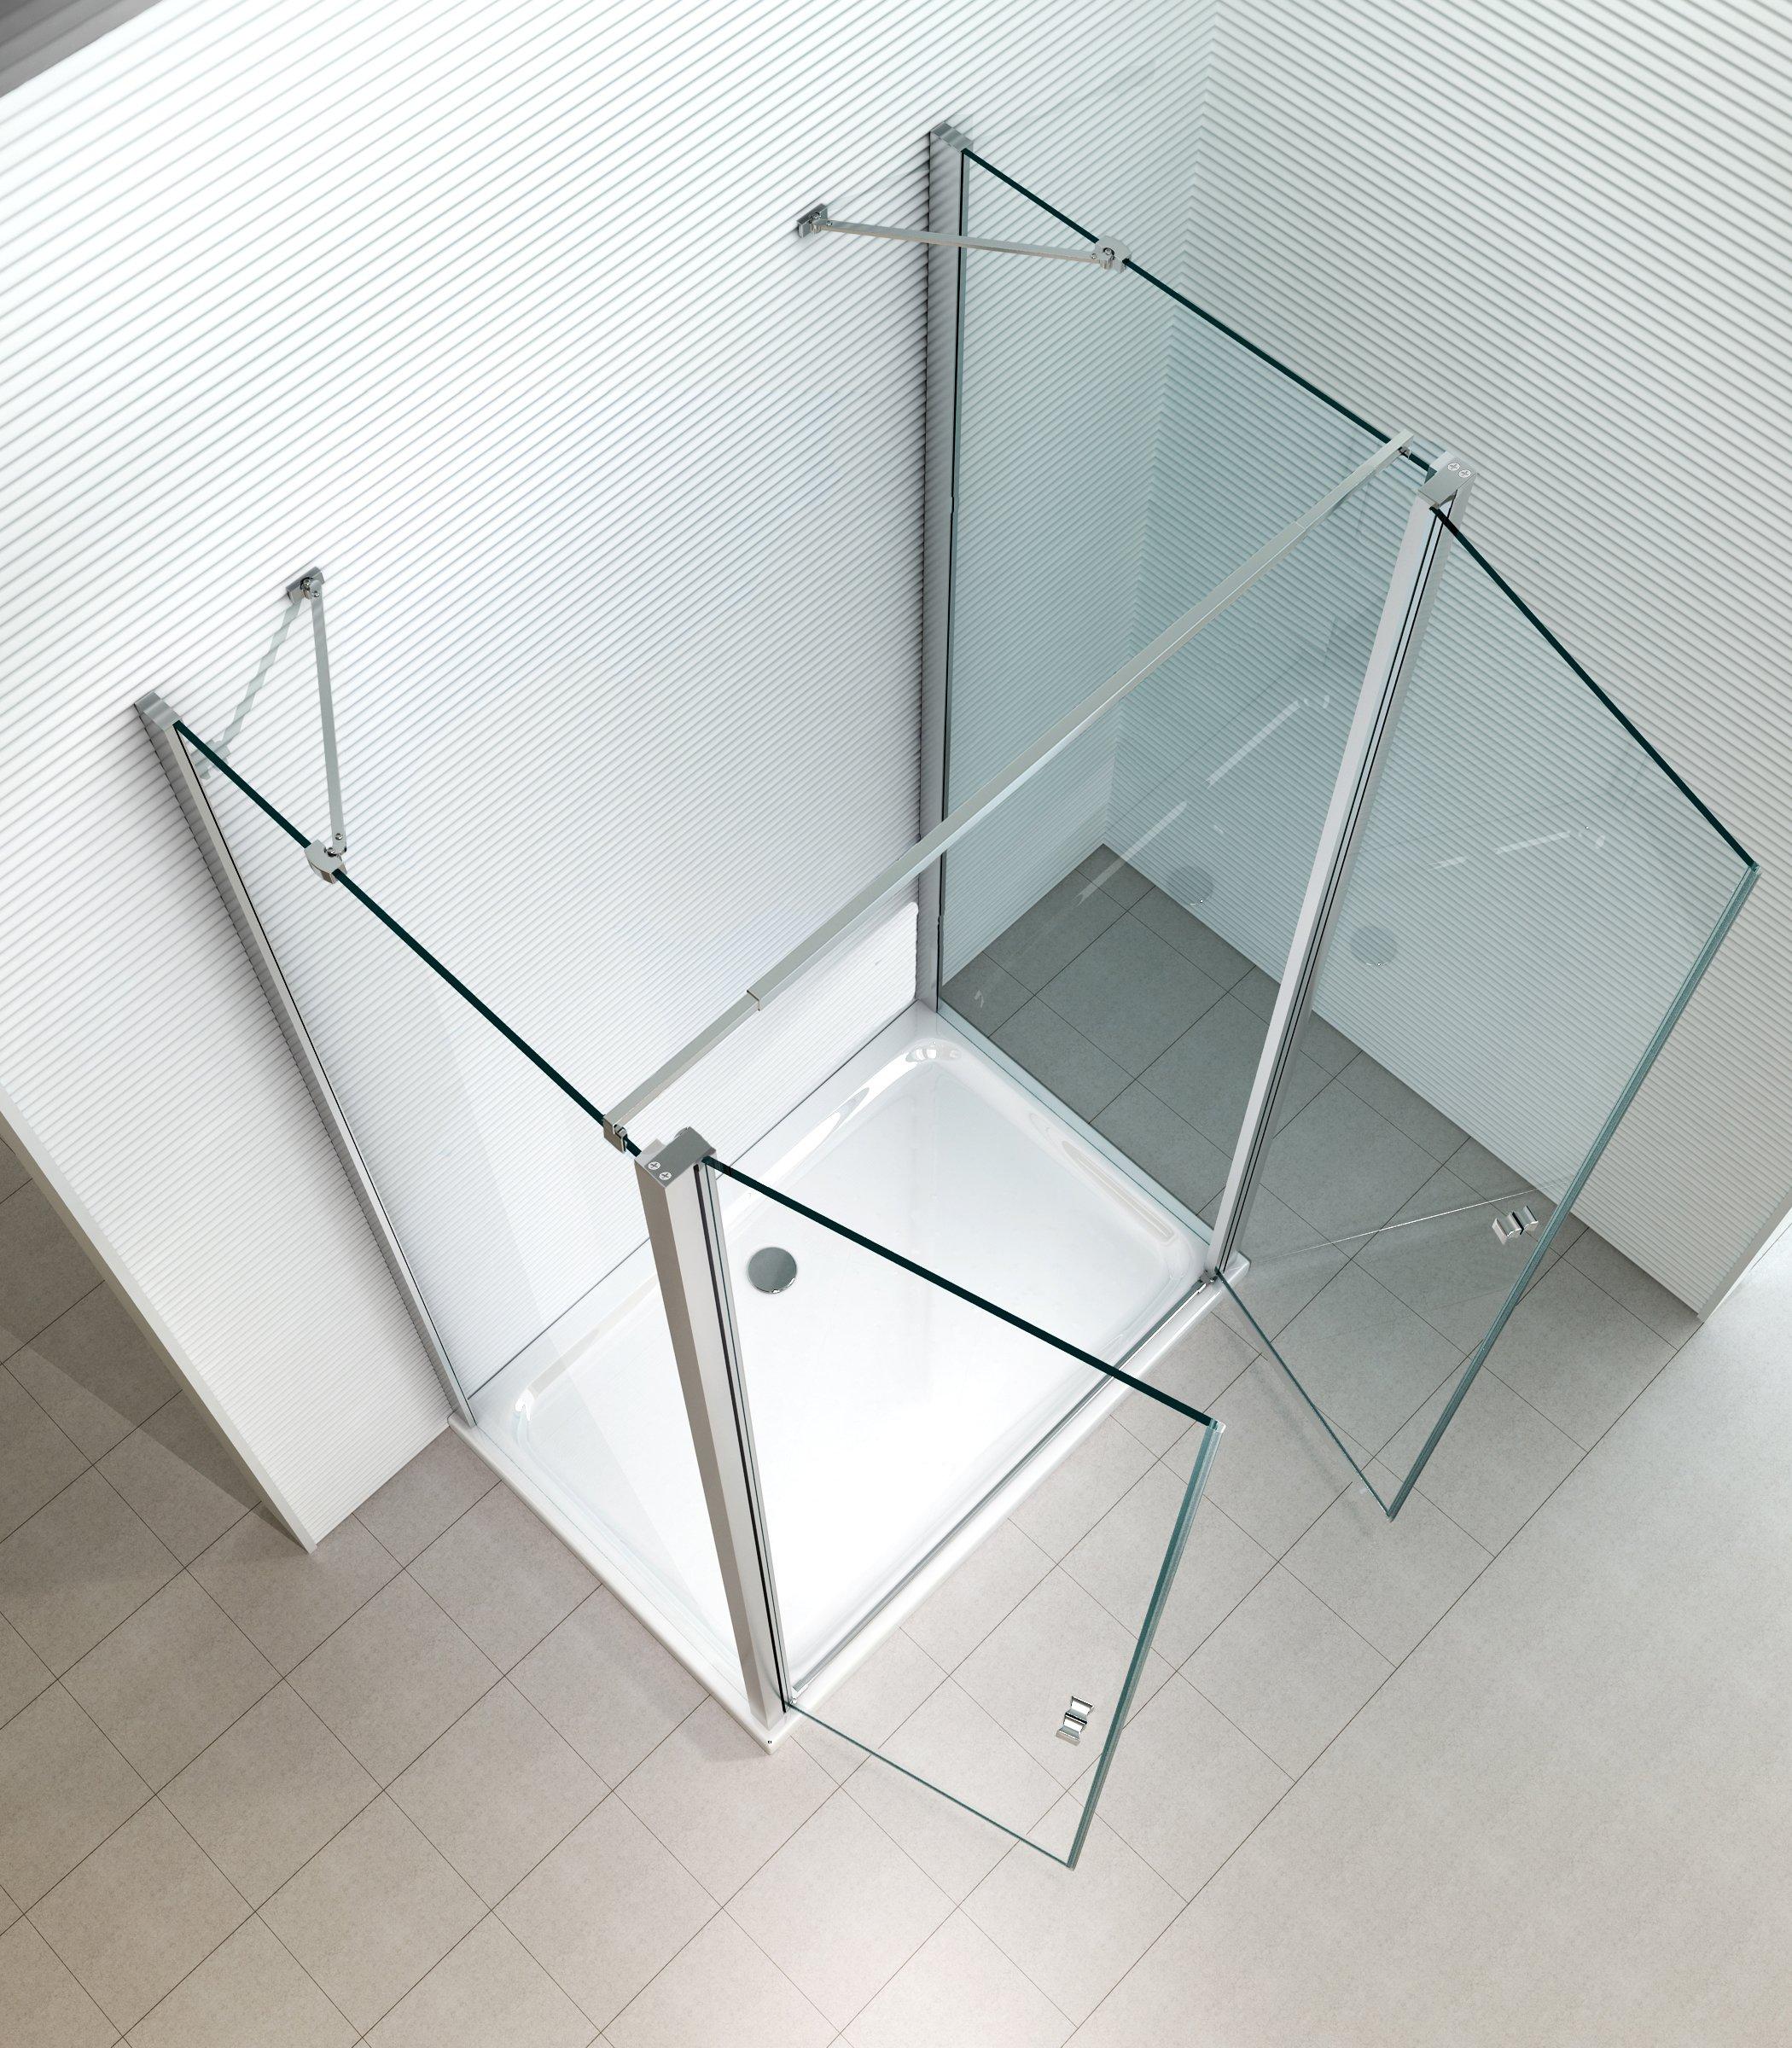 Mille U cabinas de ducha – Colgante Puerta – Ducha – Mampara – Forma de U – 8 mm – Cristal de Seguridad monocapa de – Colgante Puerta – Mecanismo De & Elevación: Amazon.es: Bricolaje y herramientas